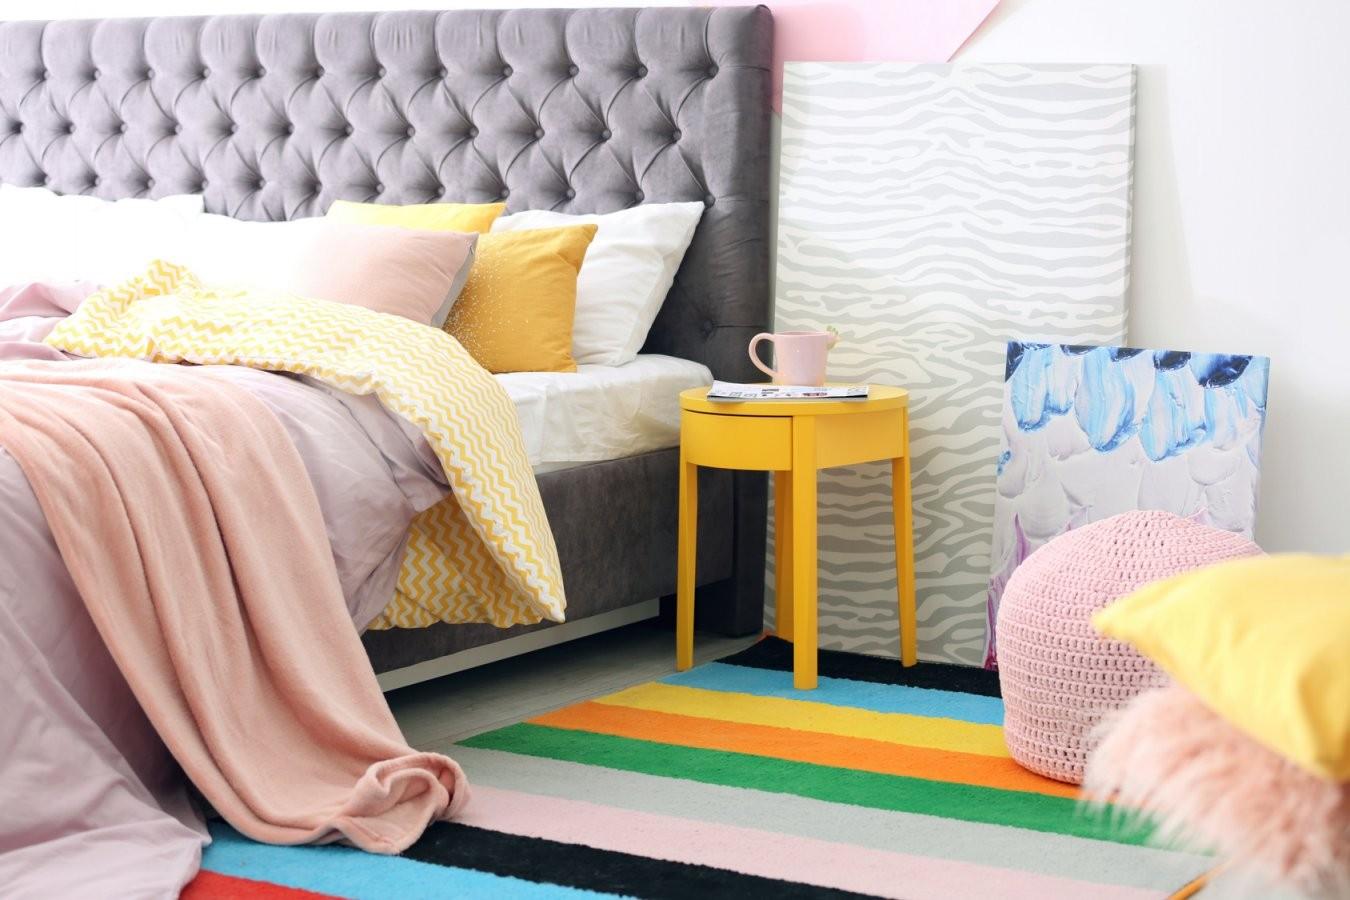 Bettwäsche Waschen  Darauf Sollten Sie Achten  Haushaltstipps von Auf Wieviel Grad Wäscht Man Bettwäsche Bild